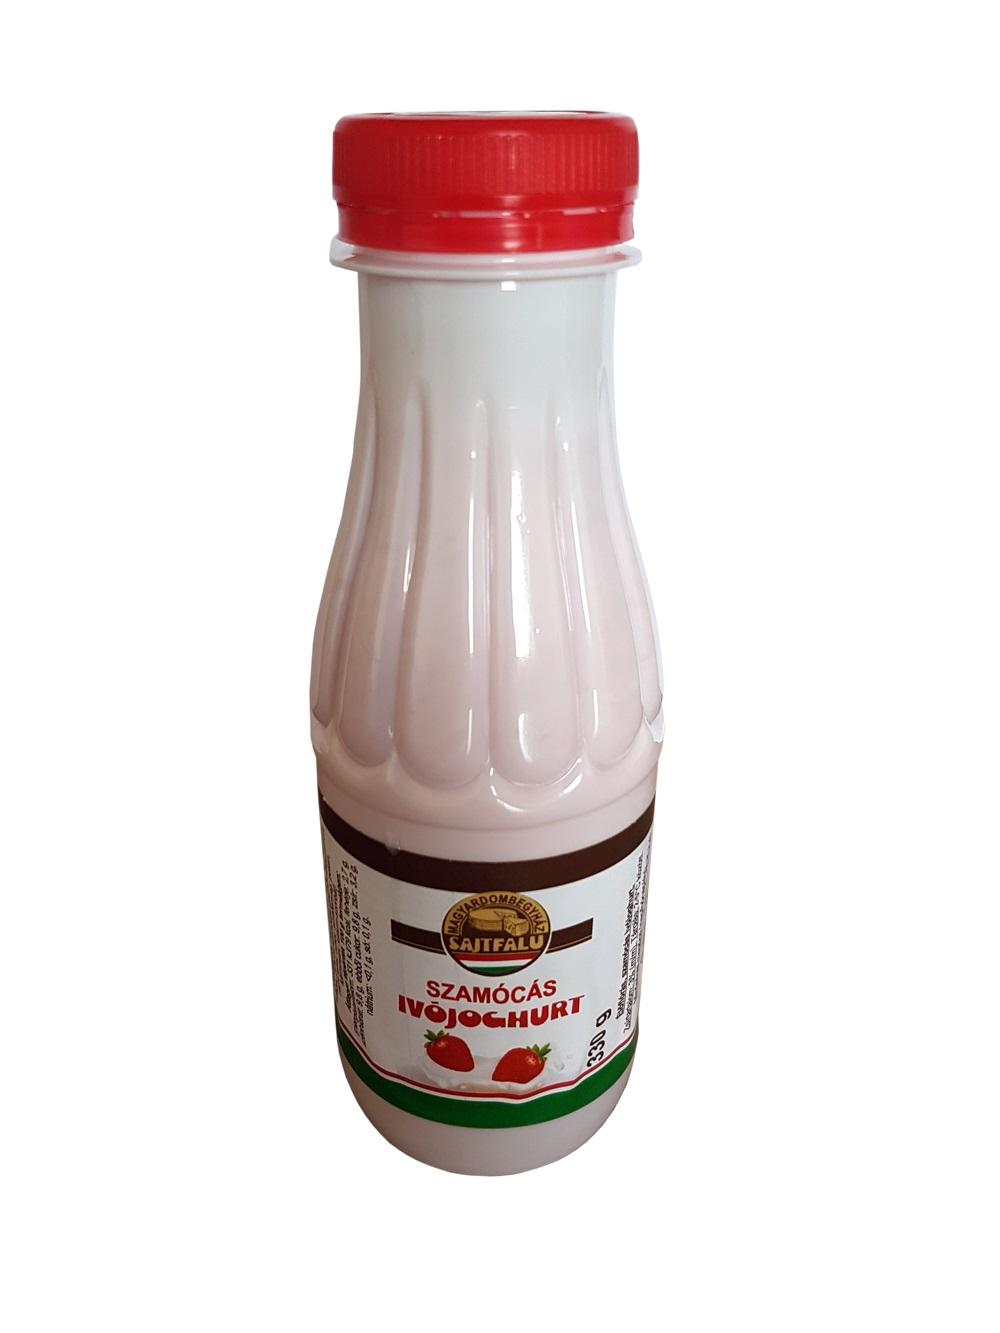 Magyardombegyházi szamócás ivójoghurt 330g